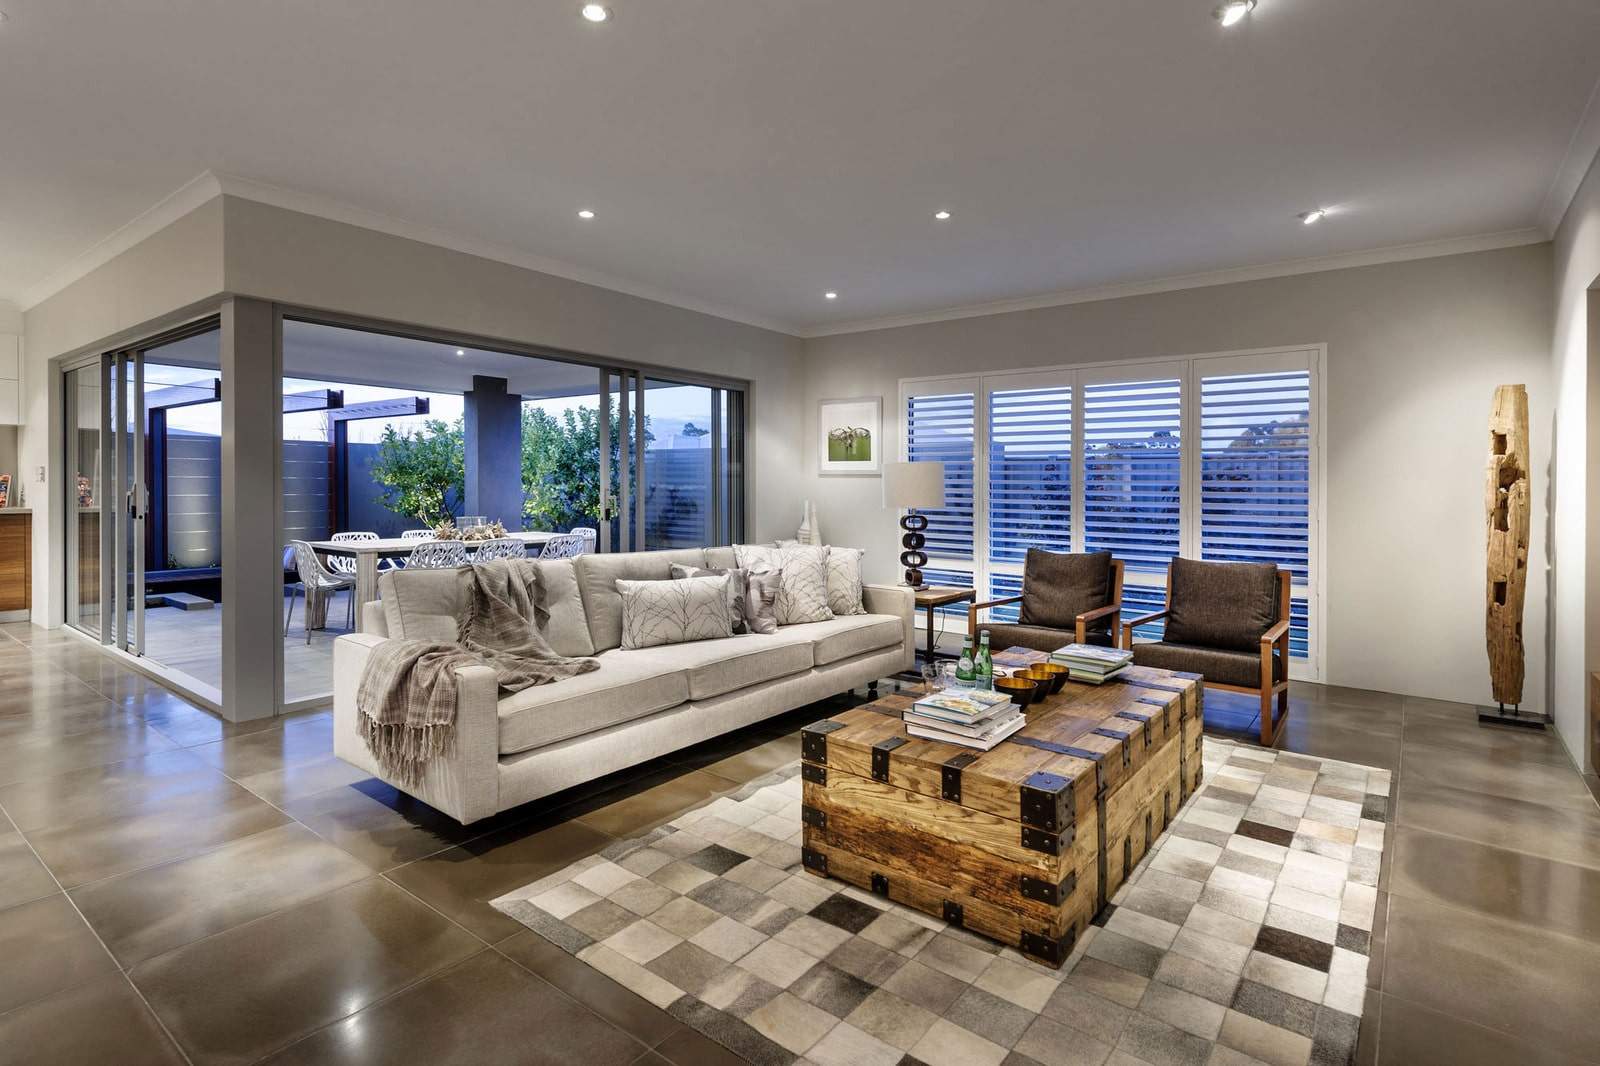 Dise o de casa moderna de dos pisos fachada e interiores for Diseno de interiores para departamentos